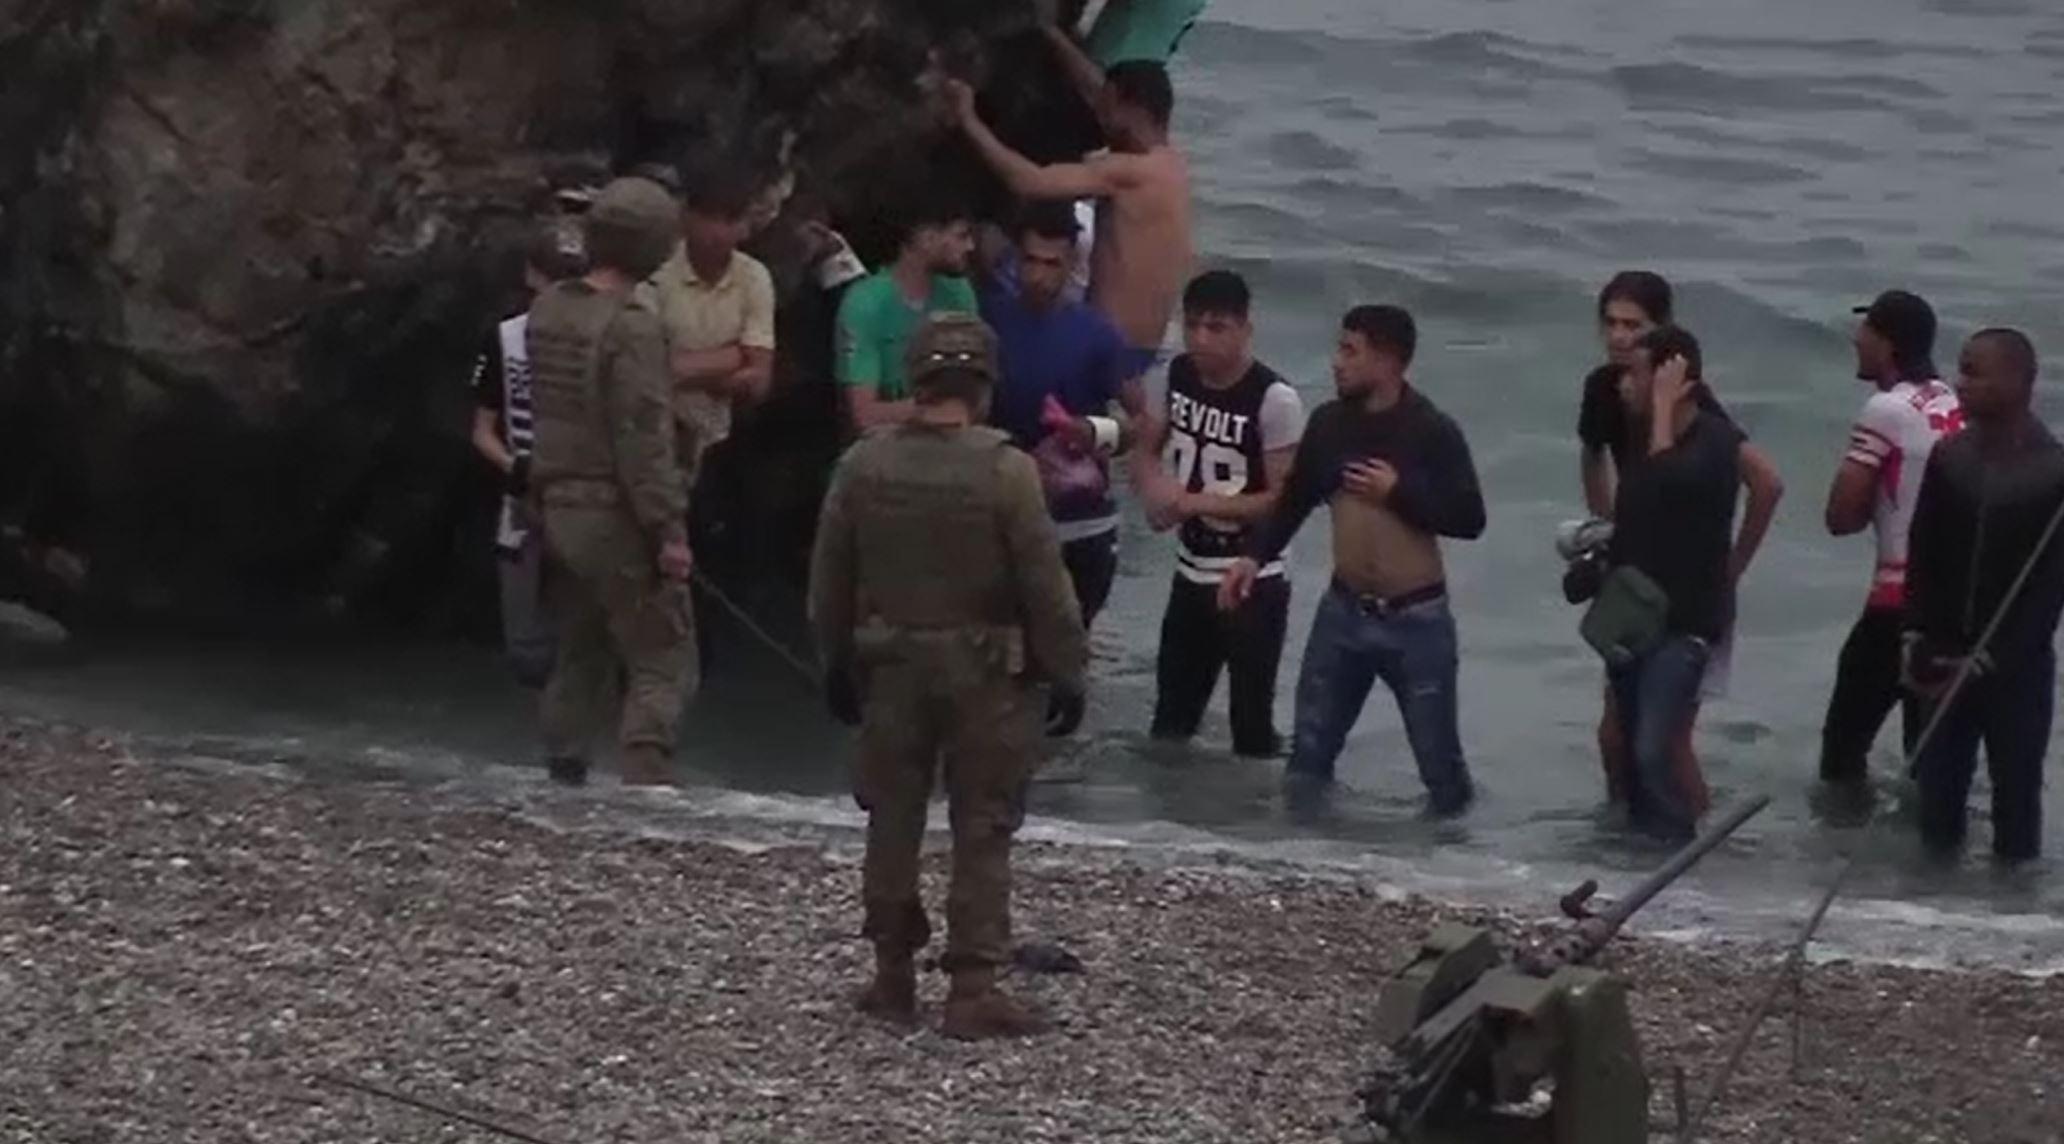 Criză umanitară în Ceuta, după asaltul migranților din ultimele două zile. Cum s-a ajuns în această situație